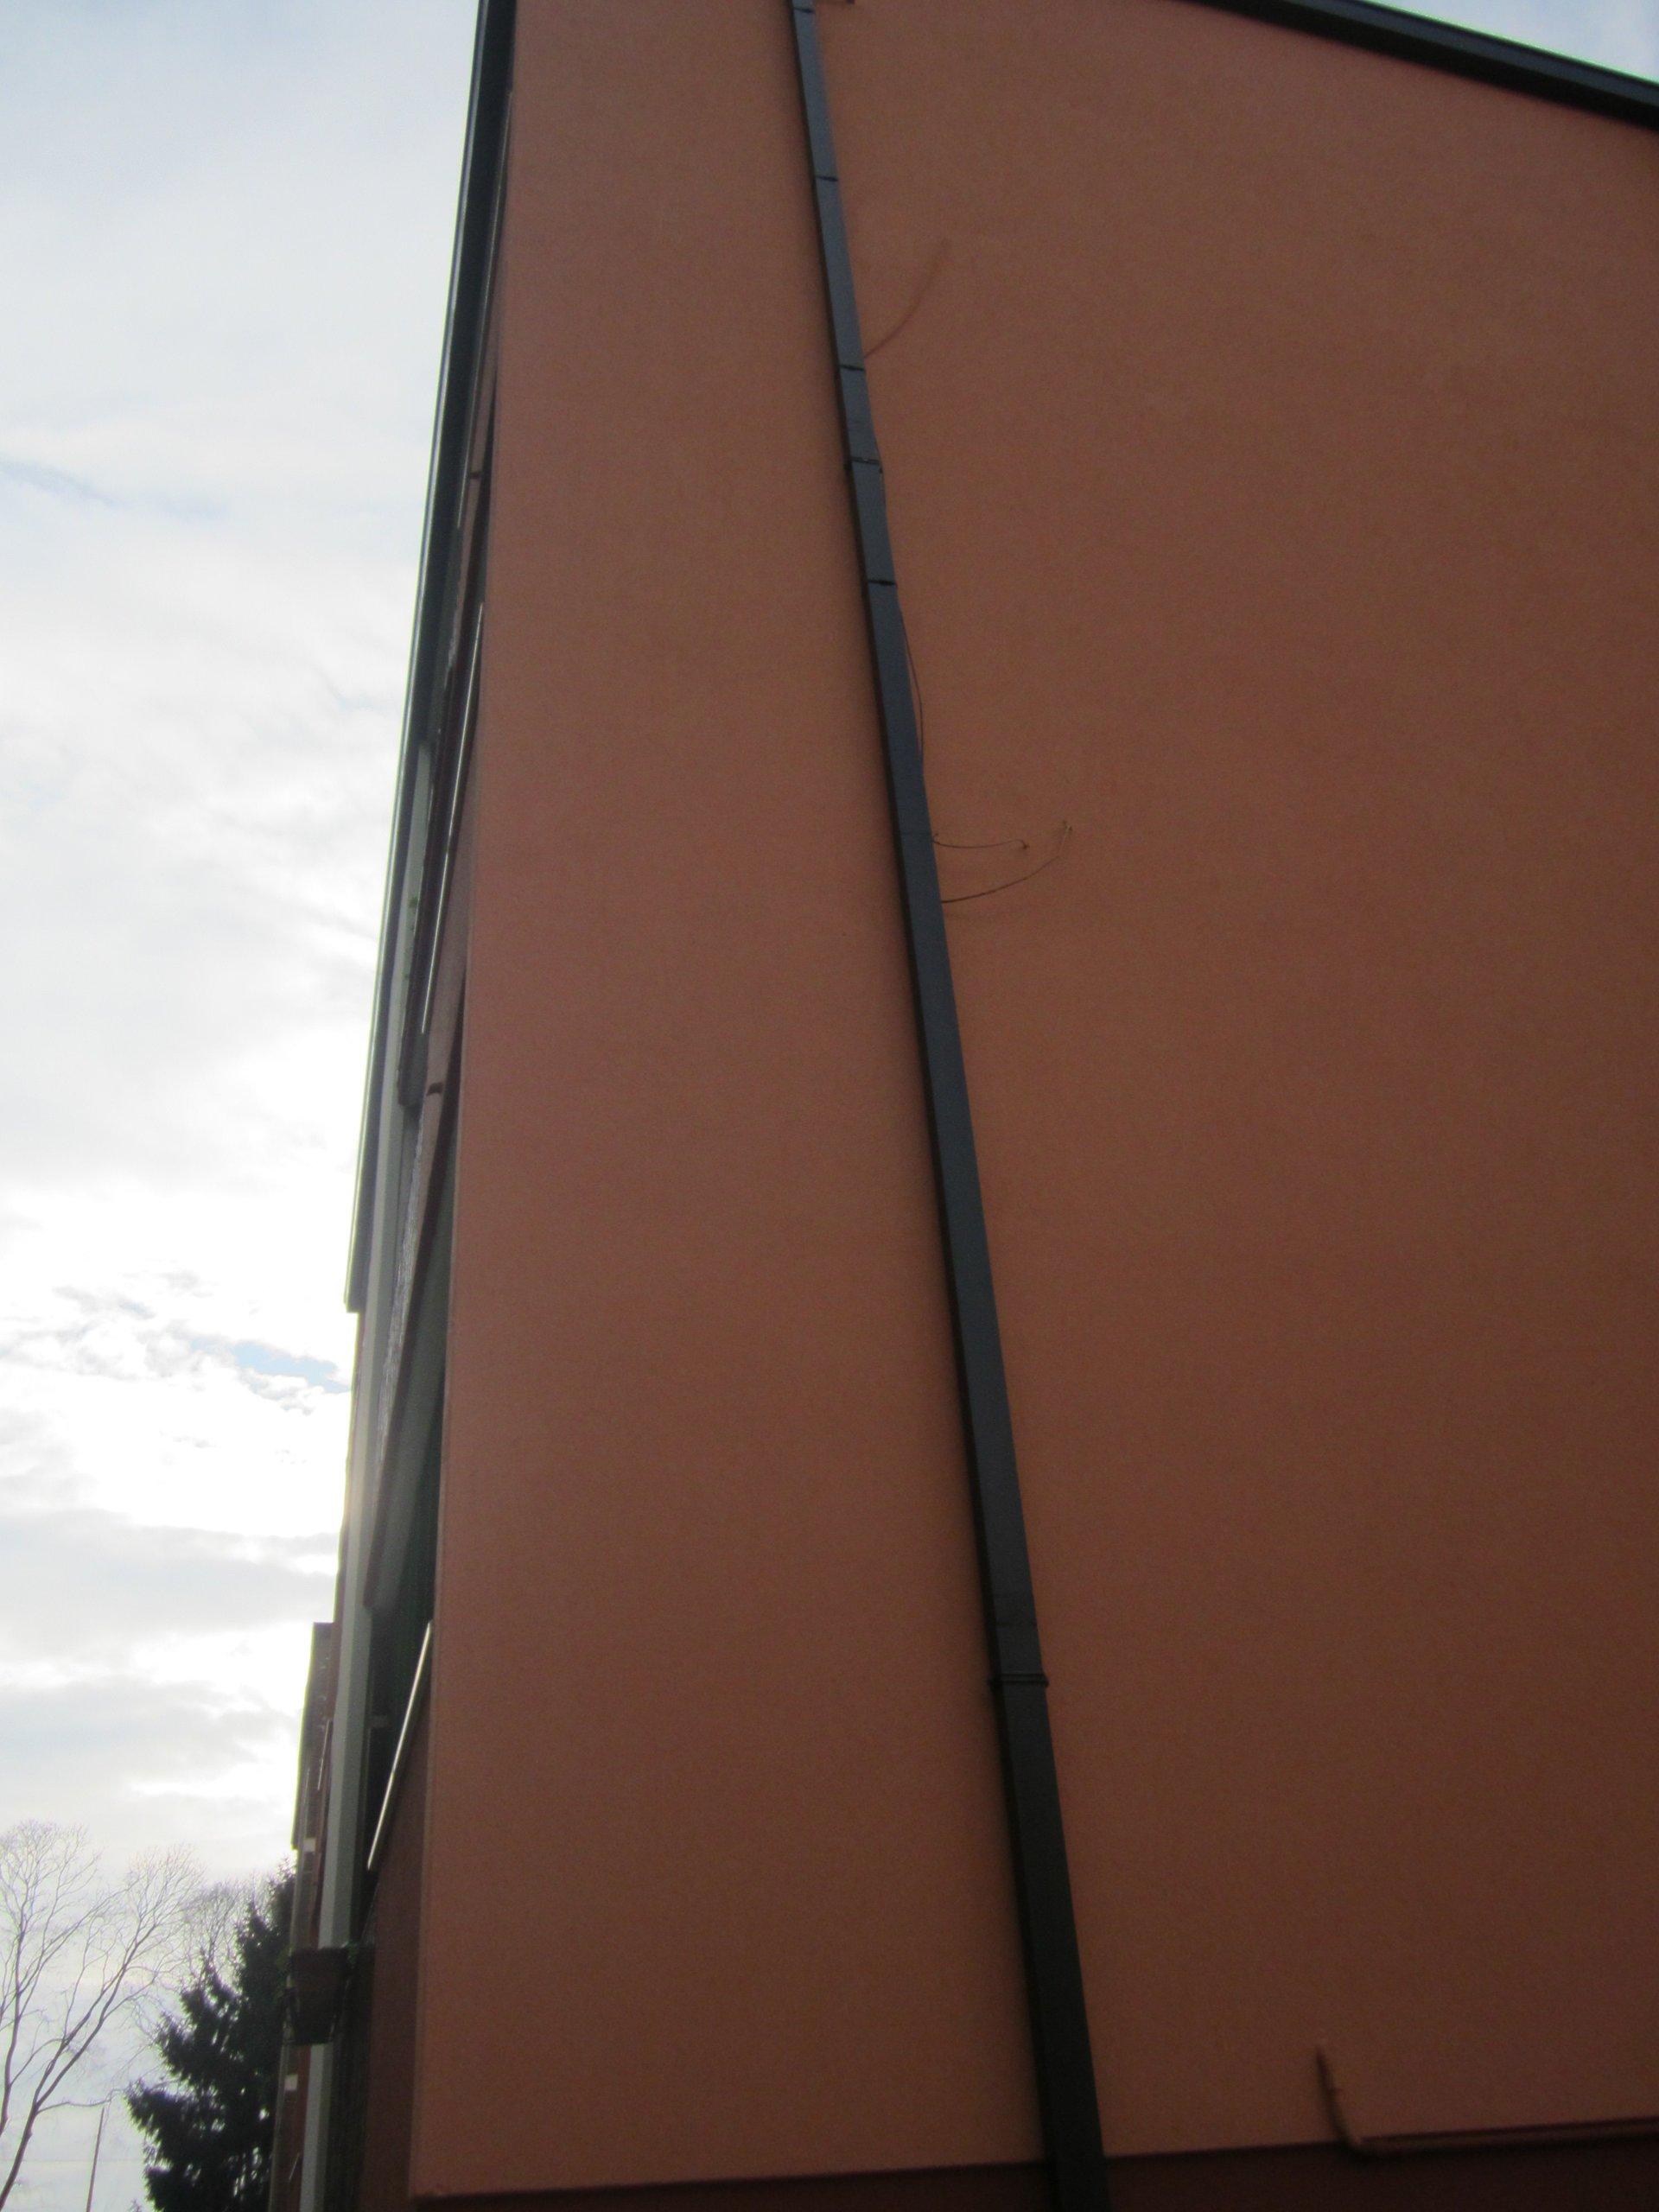 Cabina panooramica con soffitto in vetro